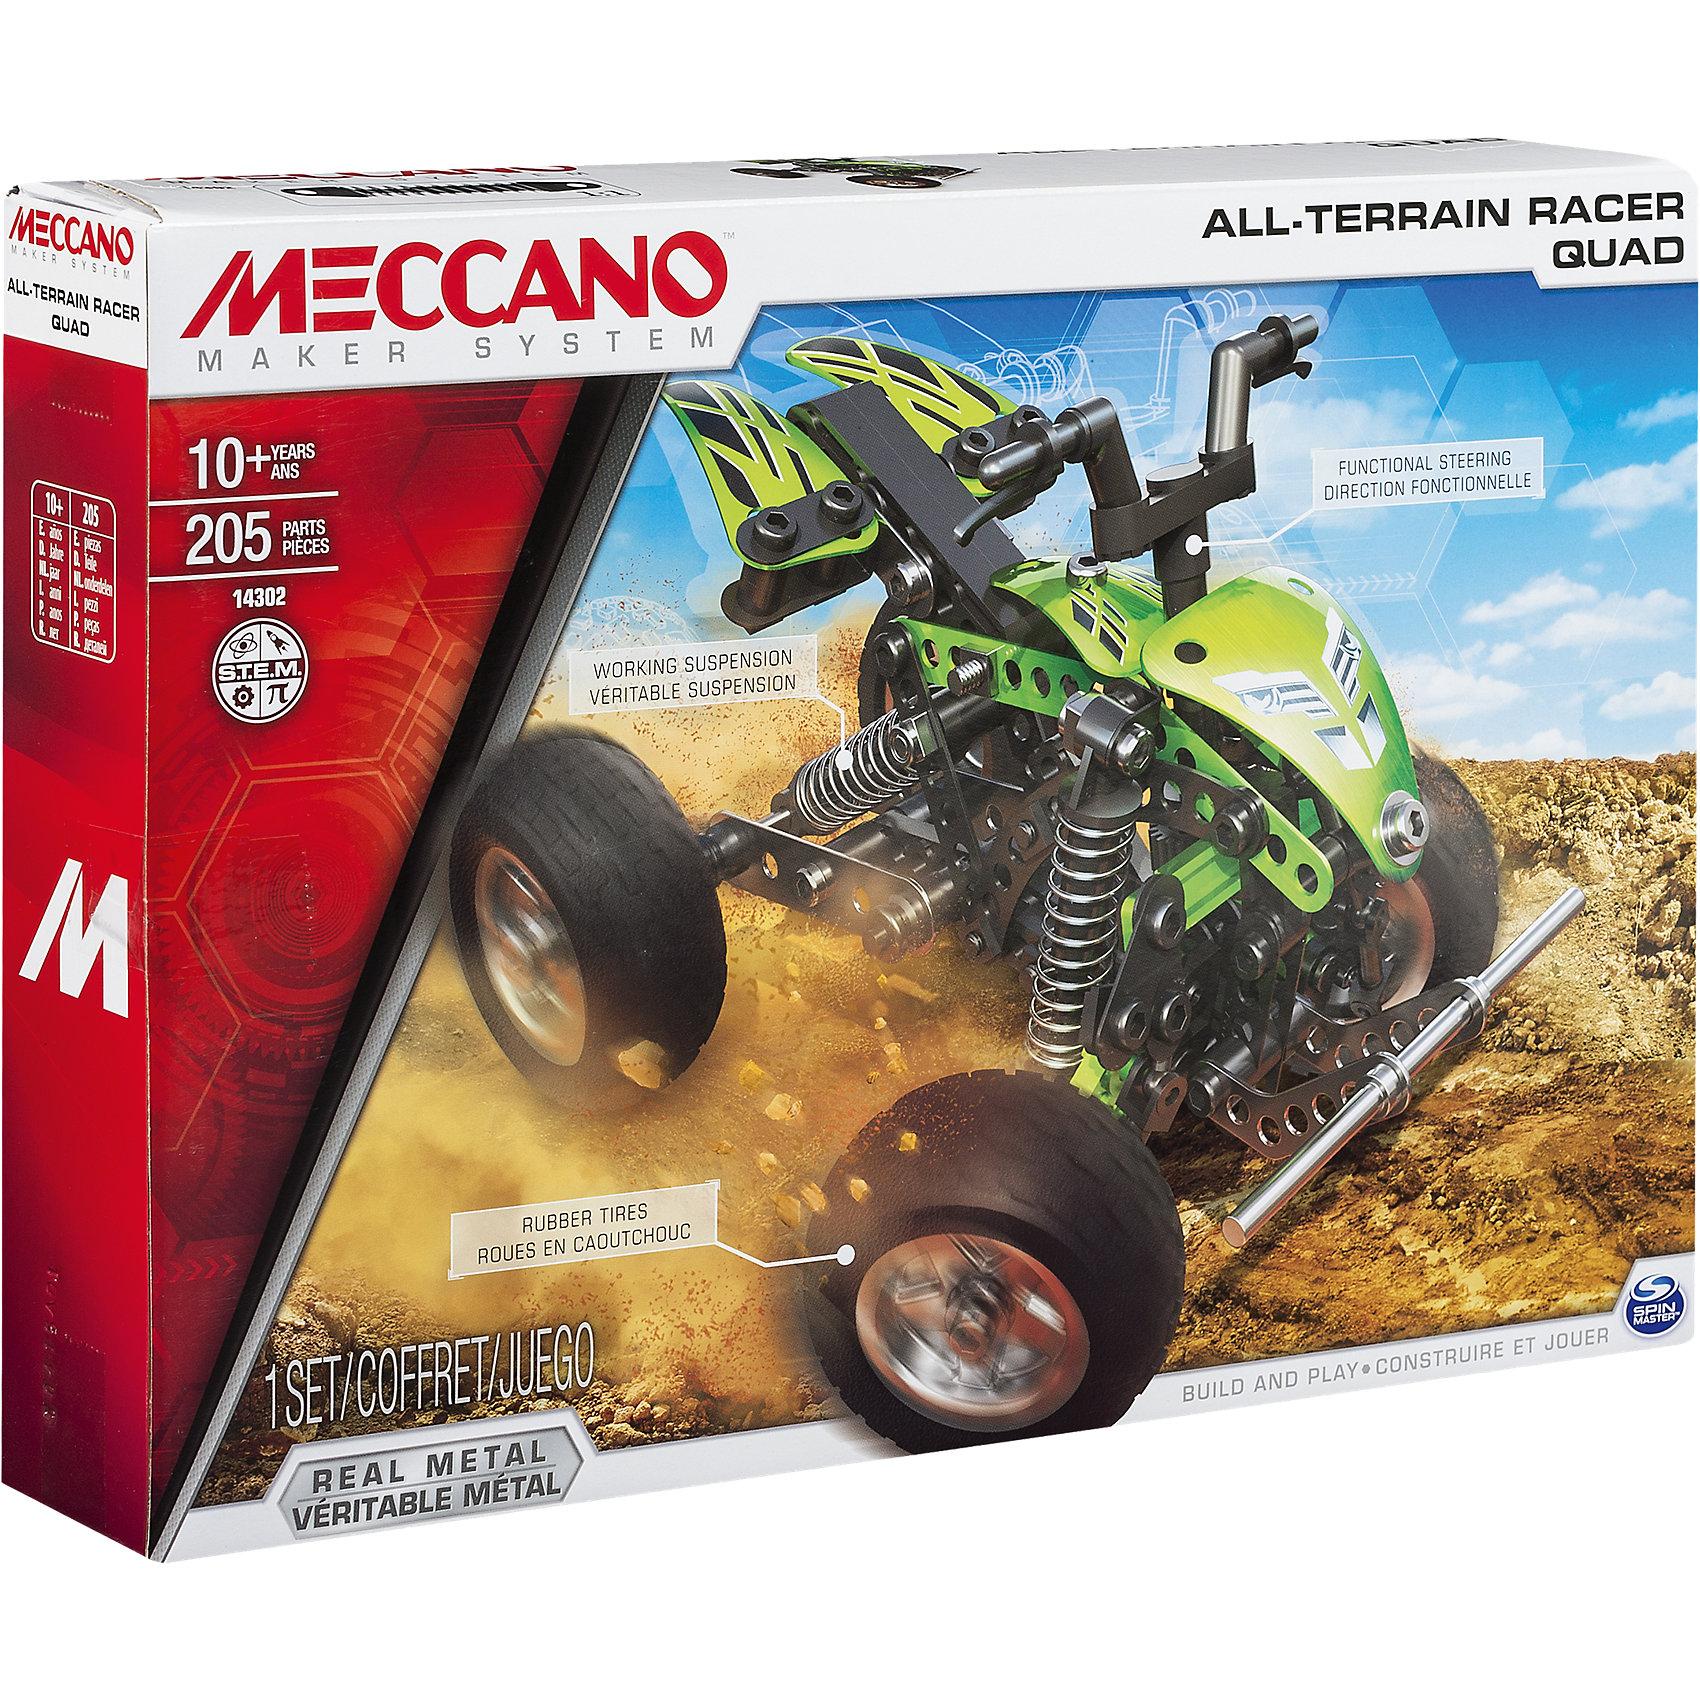 Meccano Квадроцикл (2 модели), Meccano meccano